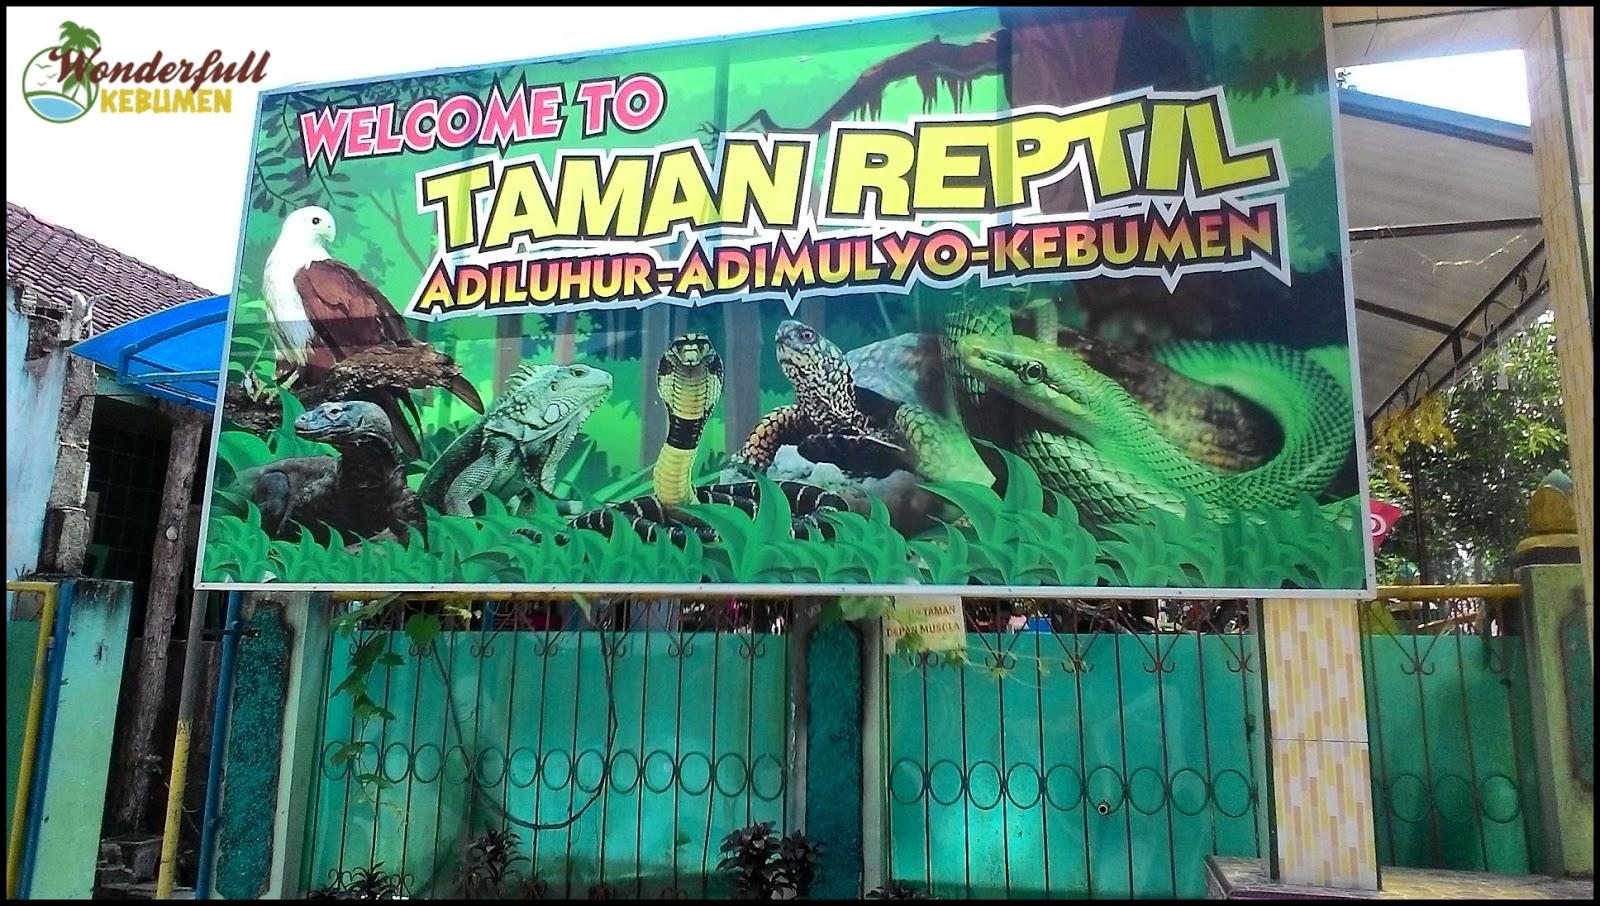 Taman Reptil Adiluhur Tara Adimulyo Kebumen Sensasi Salah Satu Wisata